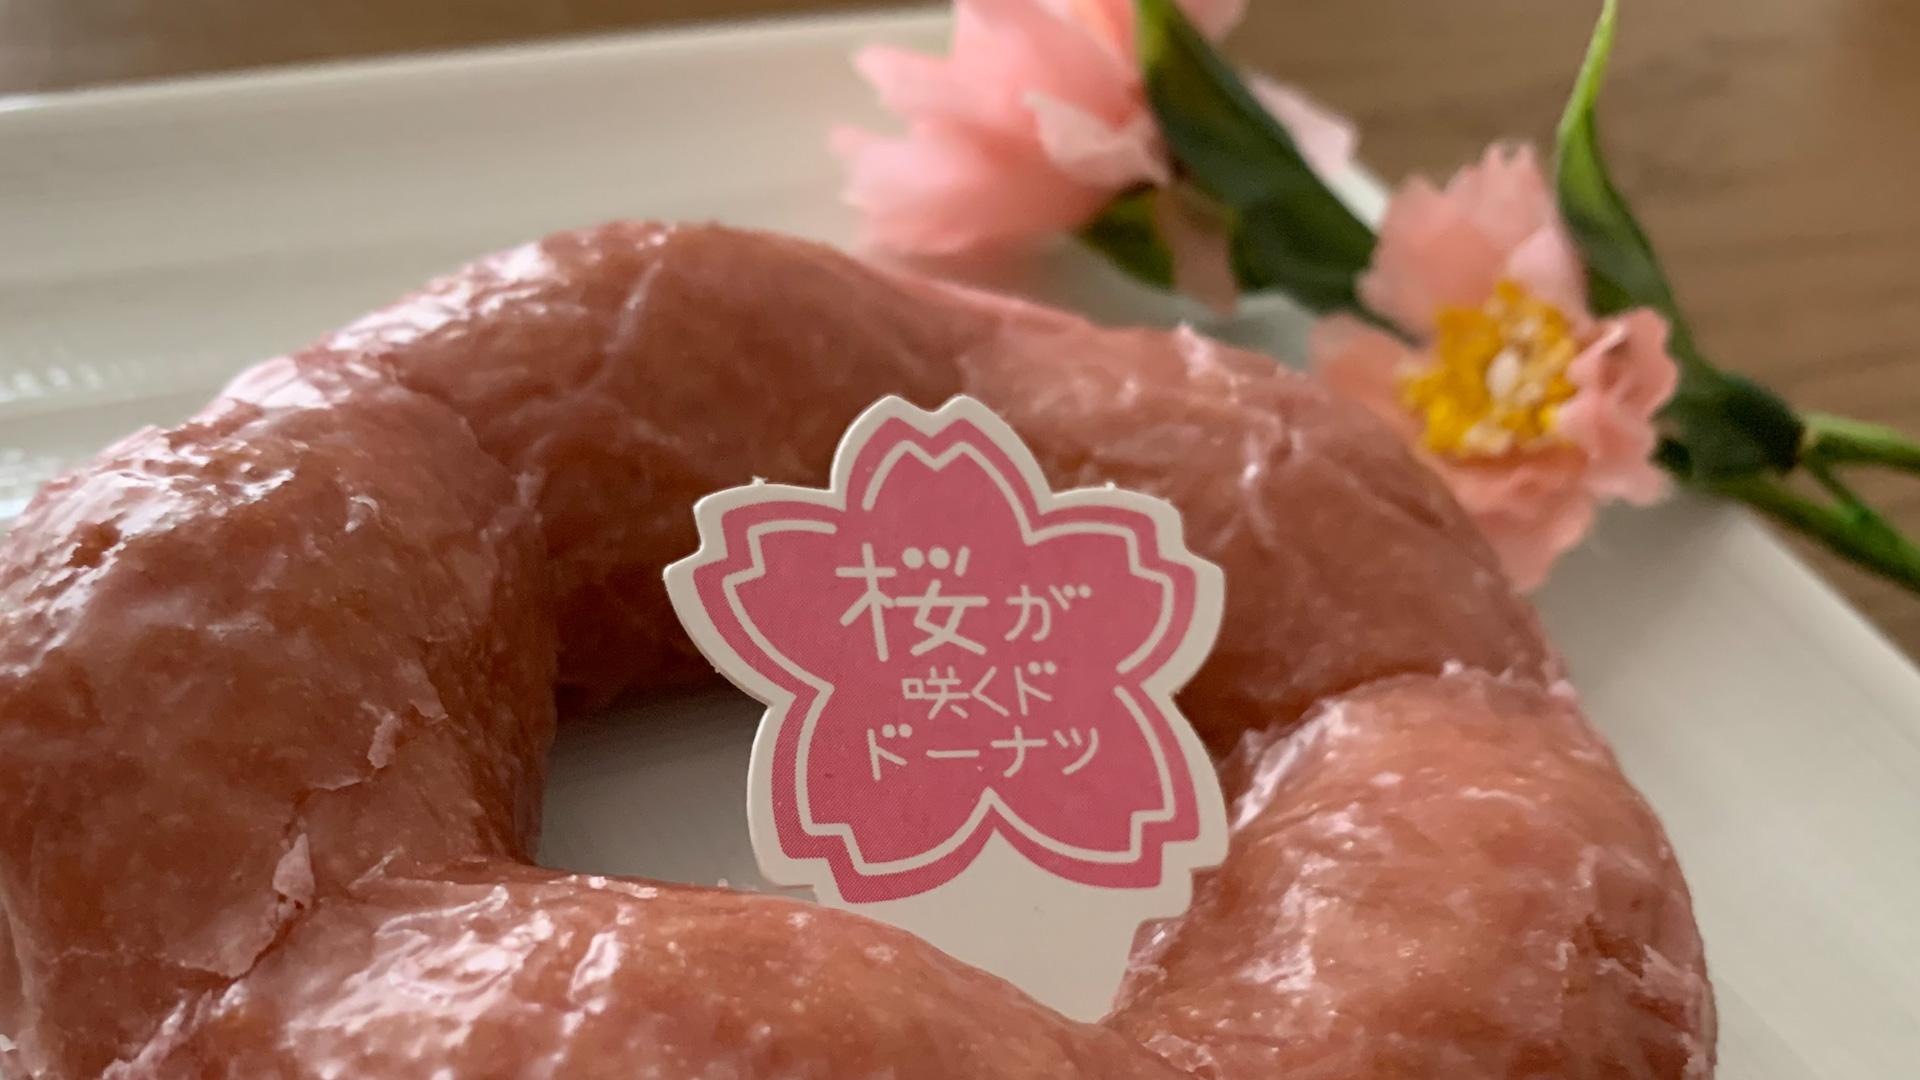 実食レポ【ミスタードーナツ】驚きの再現性! 「桜もちっとドーナツ 桜フレーバー」